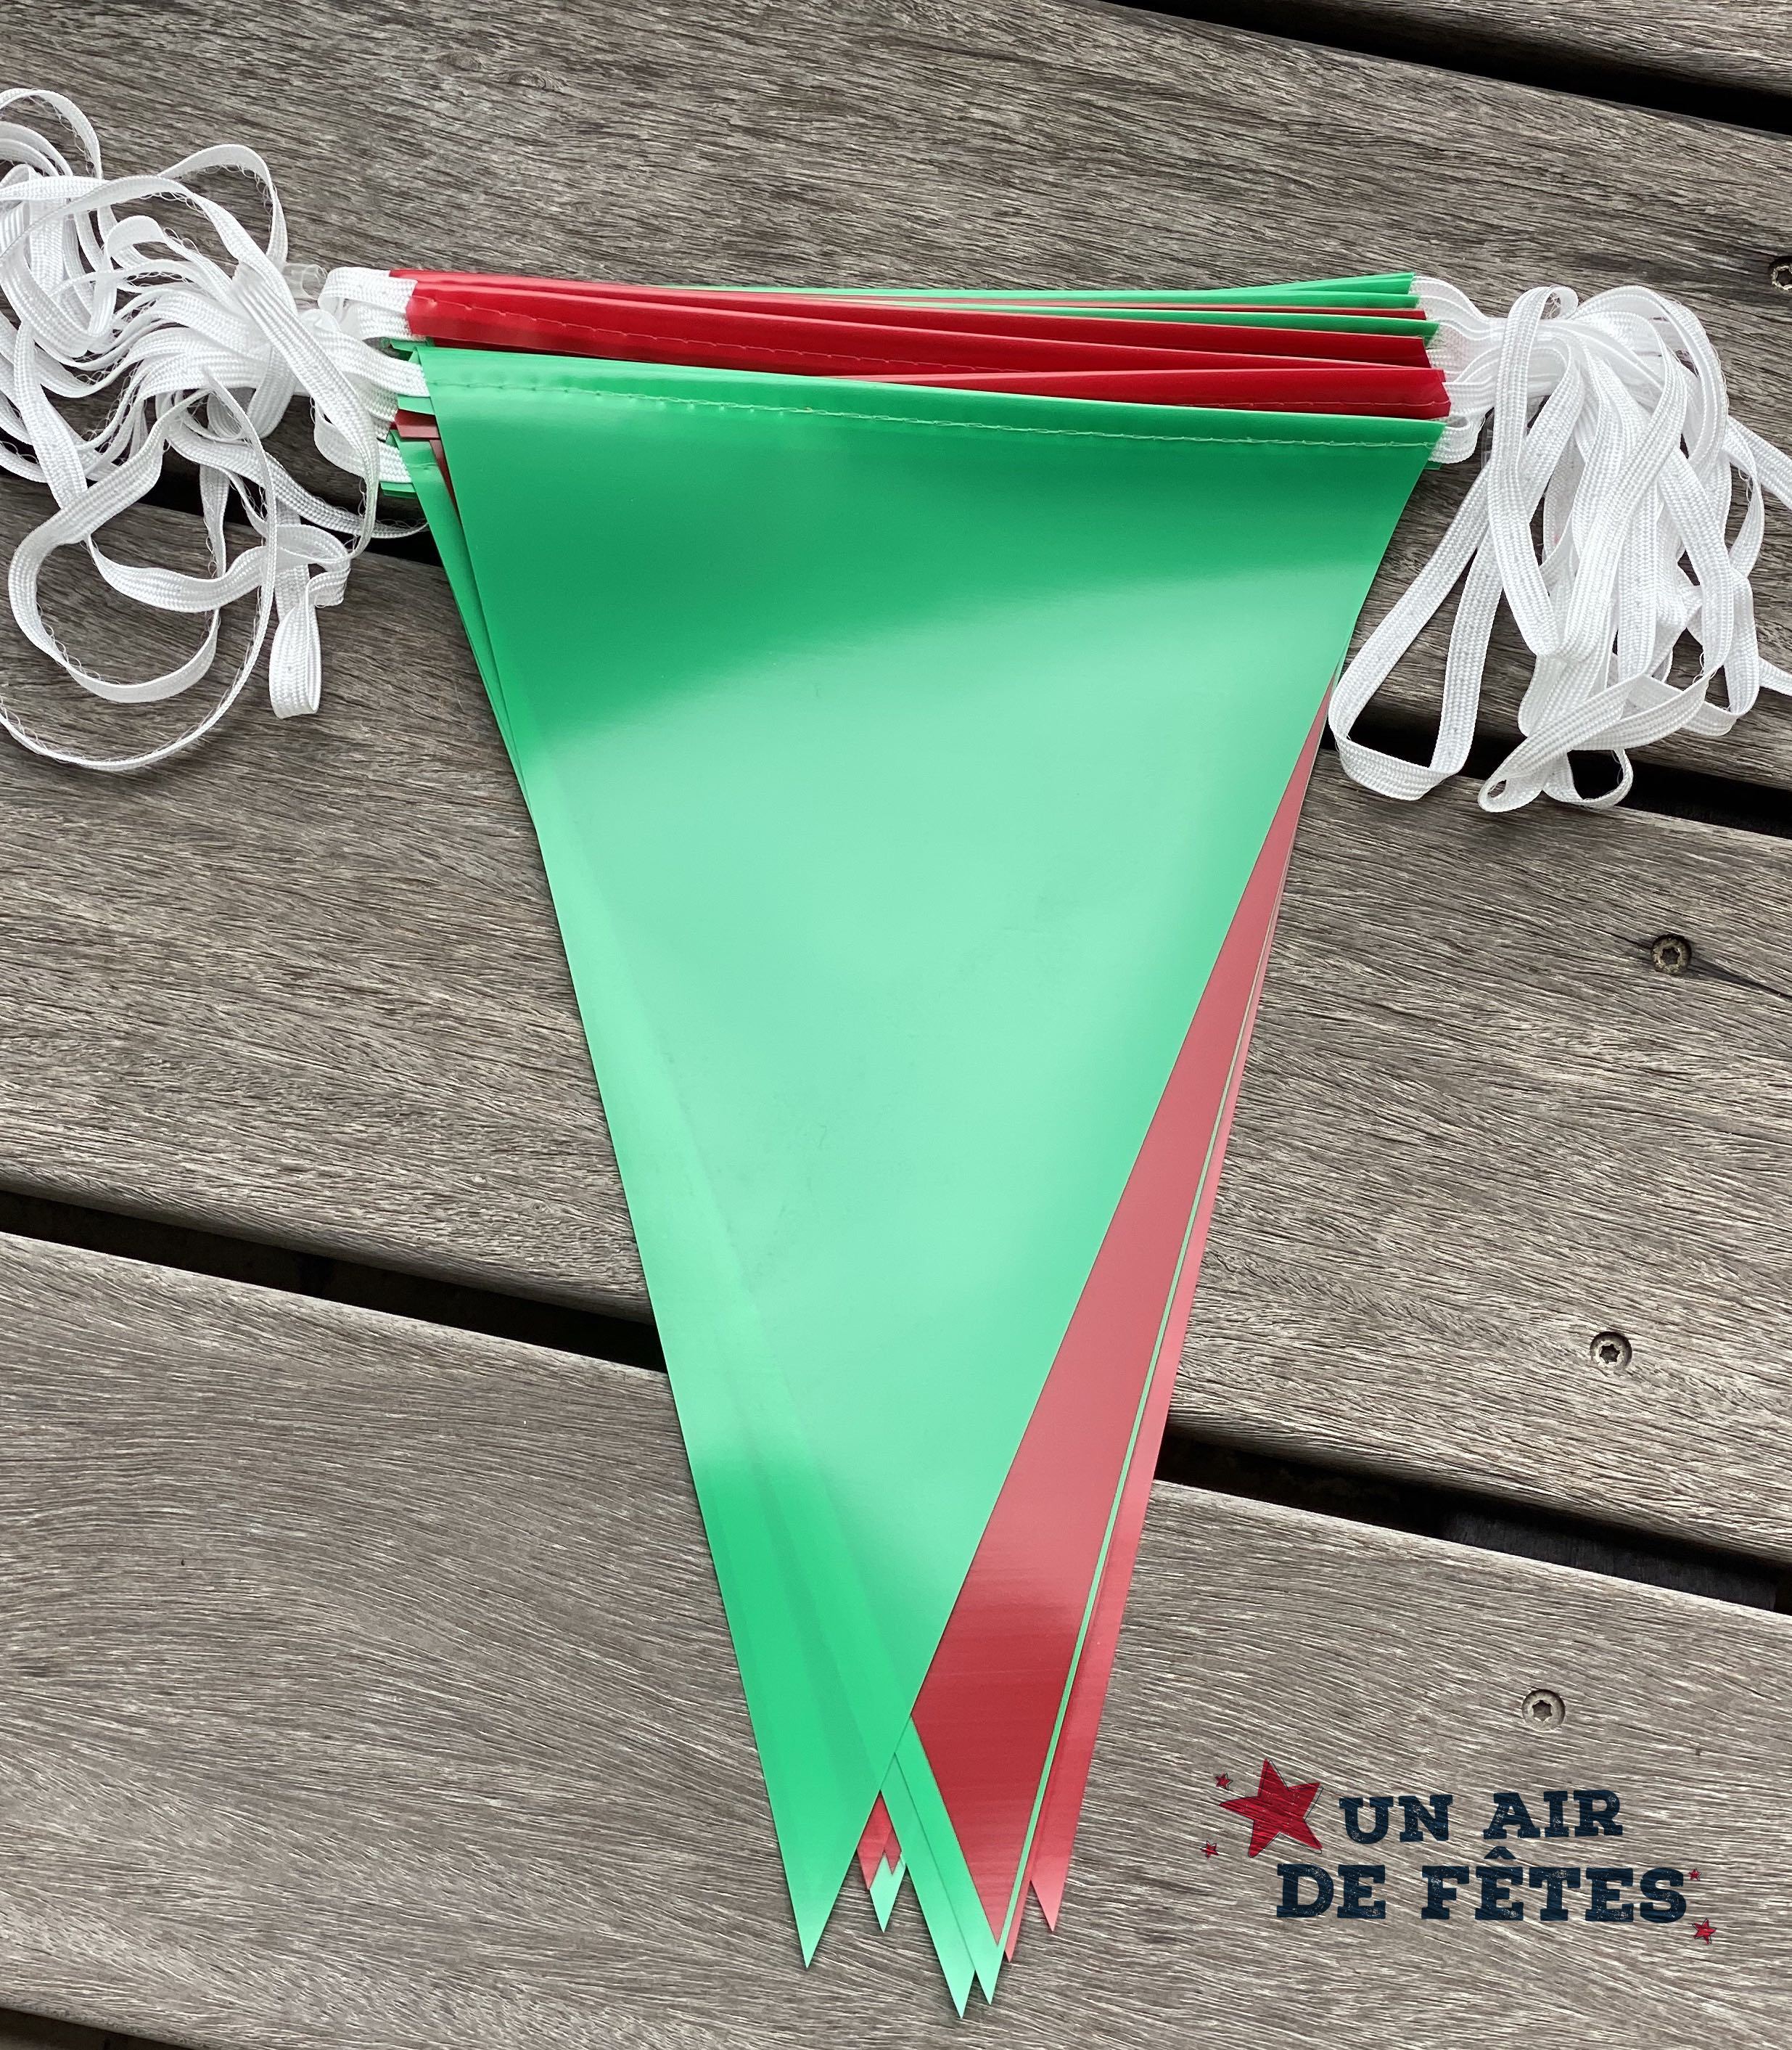 Guirlande fanions vert et rouge pour décorations de rues